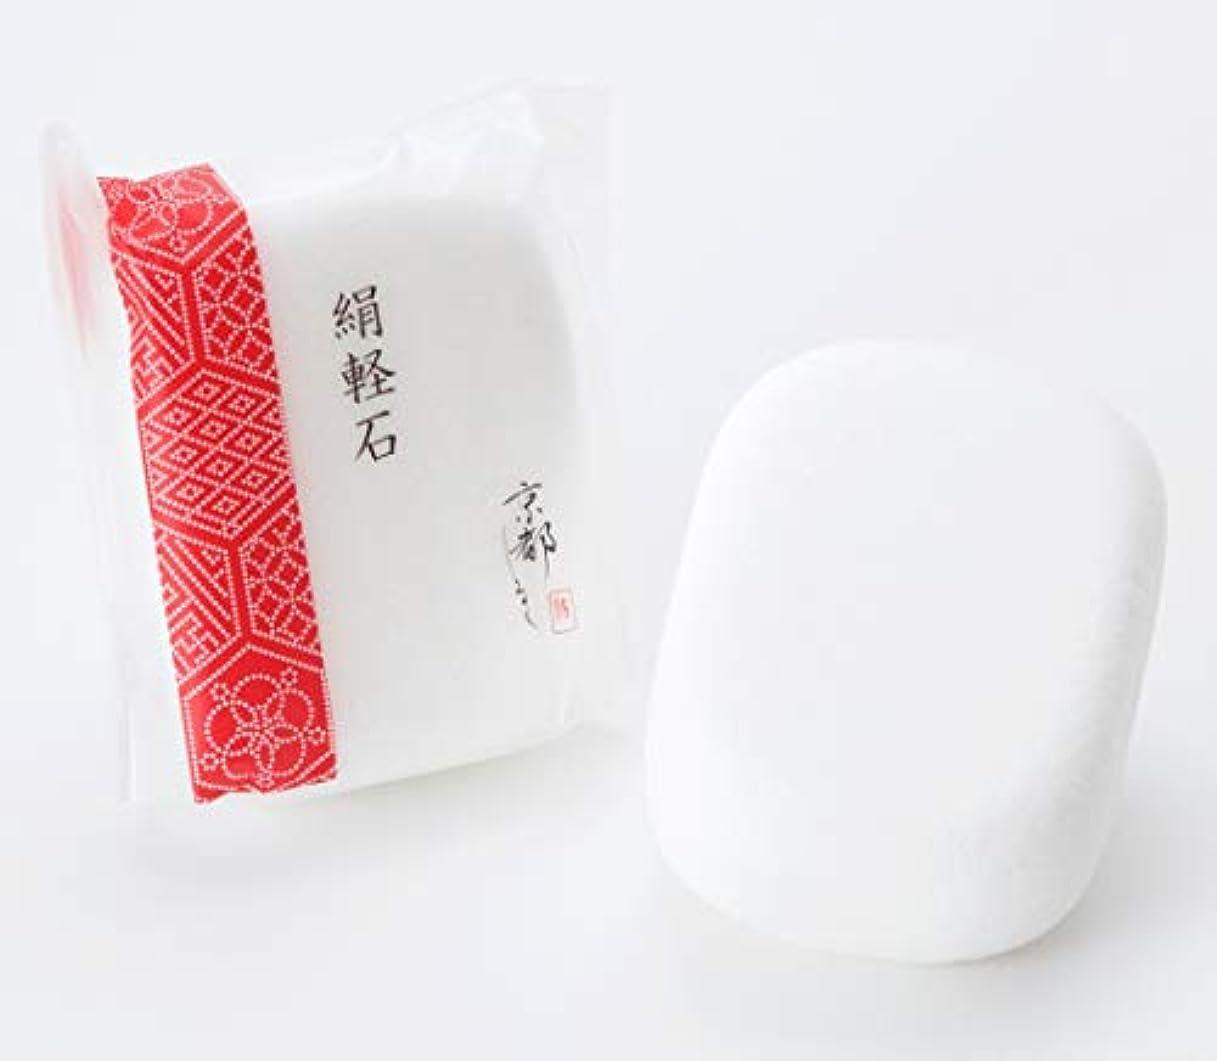 低下早い掘る京都しるく シルクの軽石 2個セット【保湿成分シルクパウダー配合】/かかとの角質を落としてツルツル素足に 絹軽石 かかとキレイ かかとつるつる